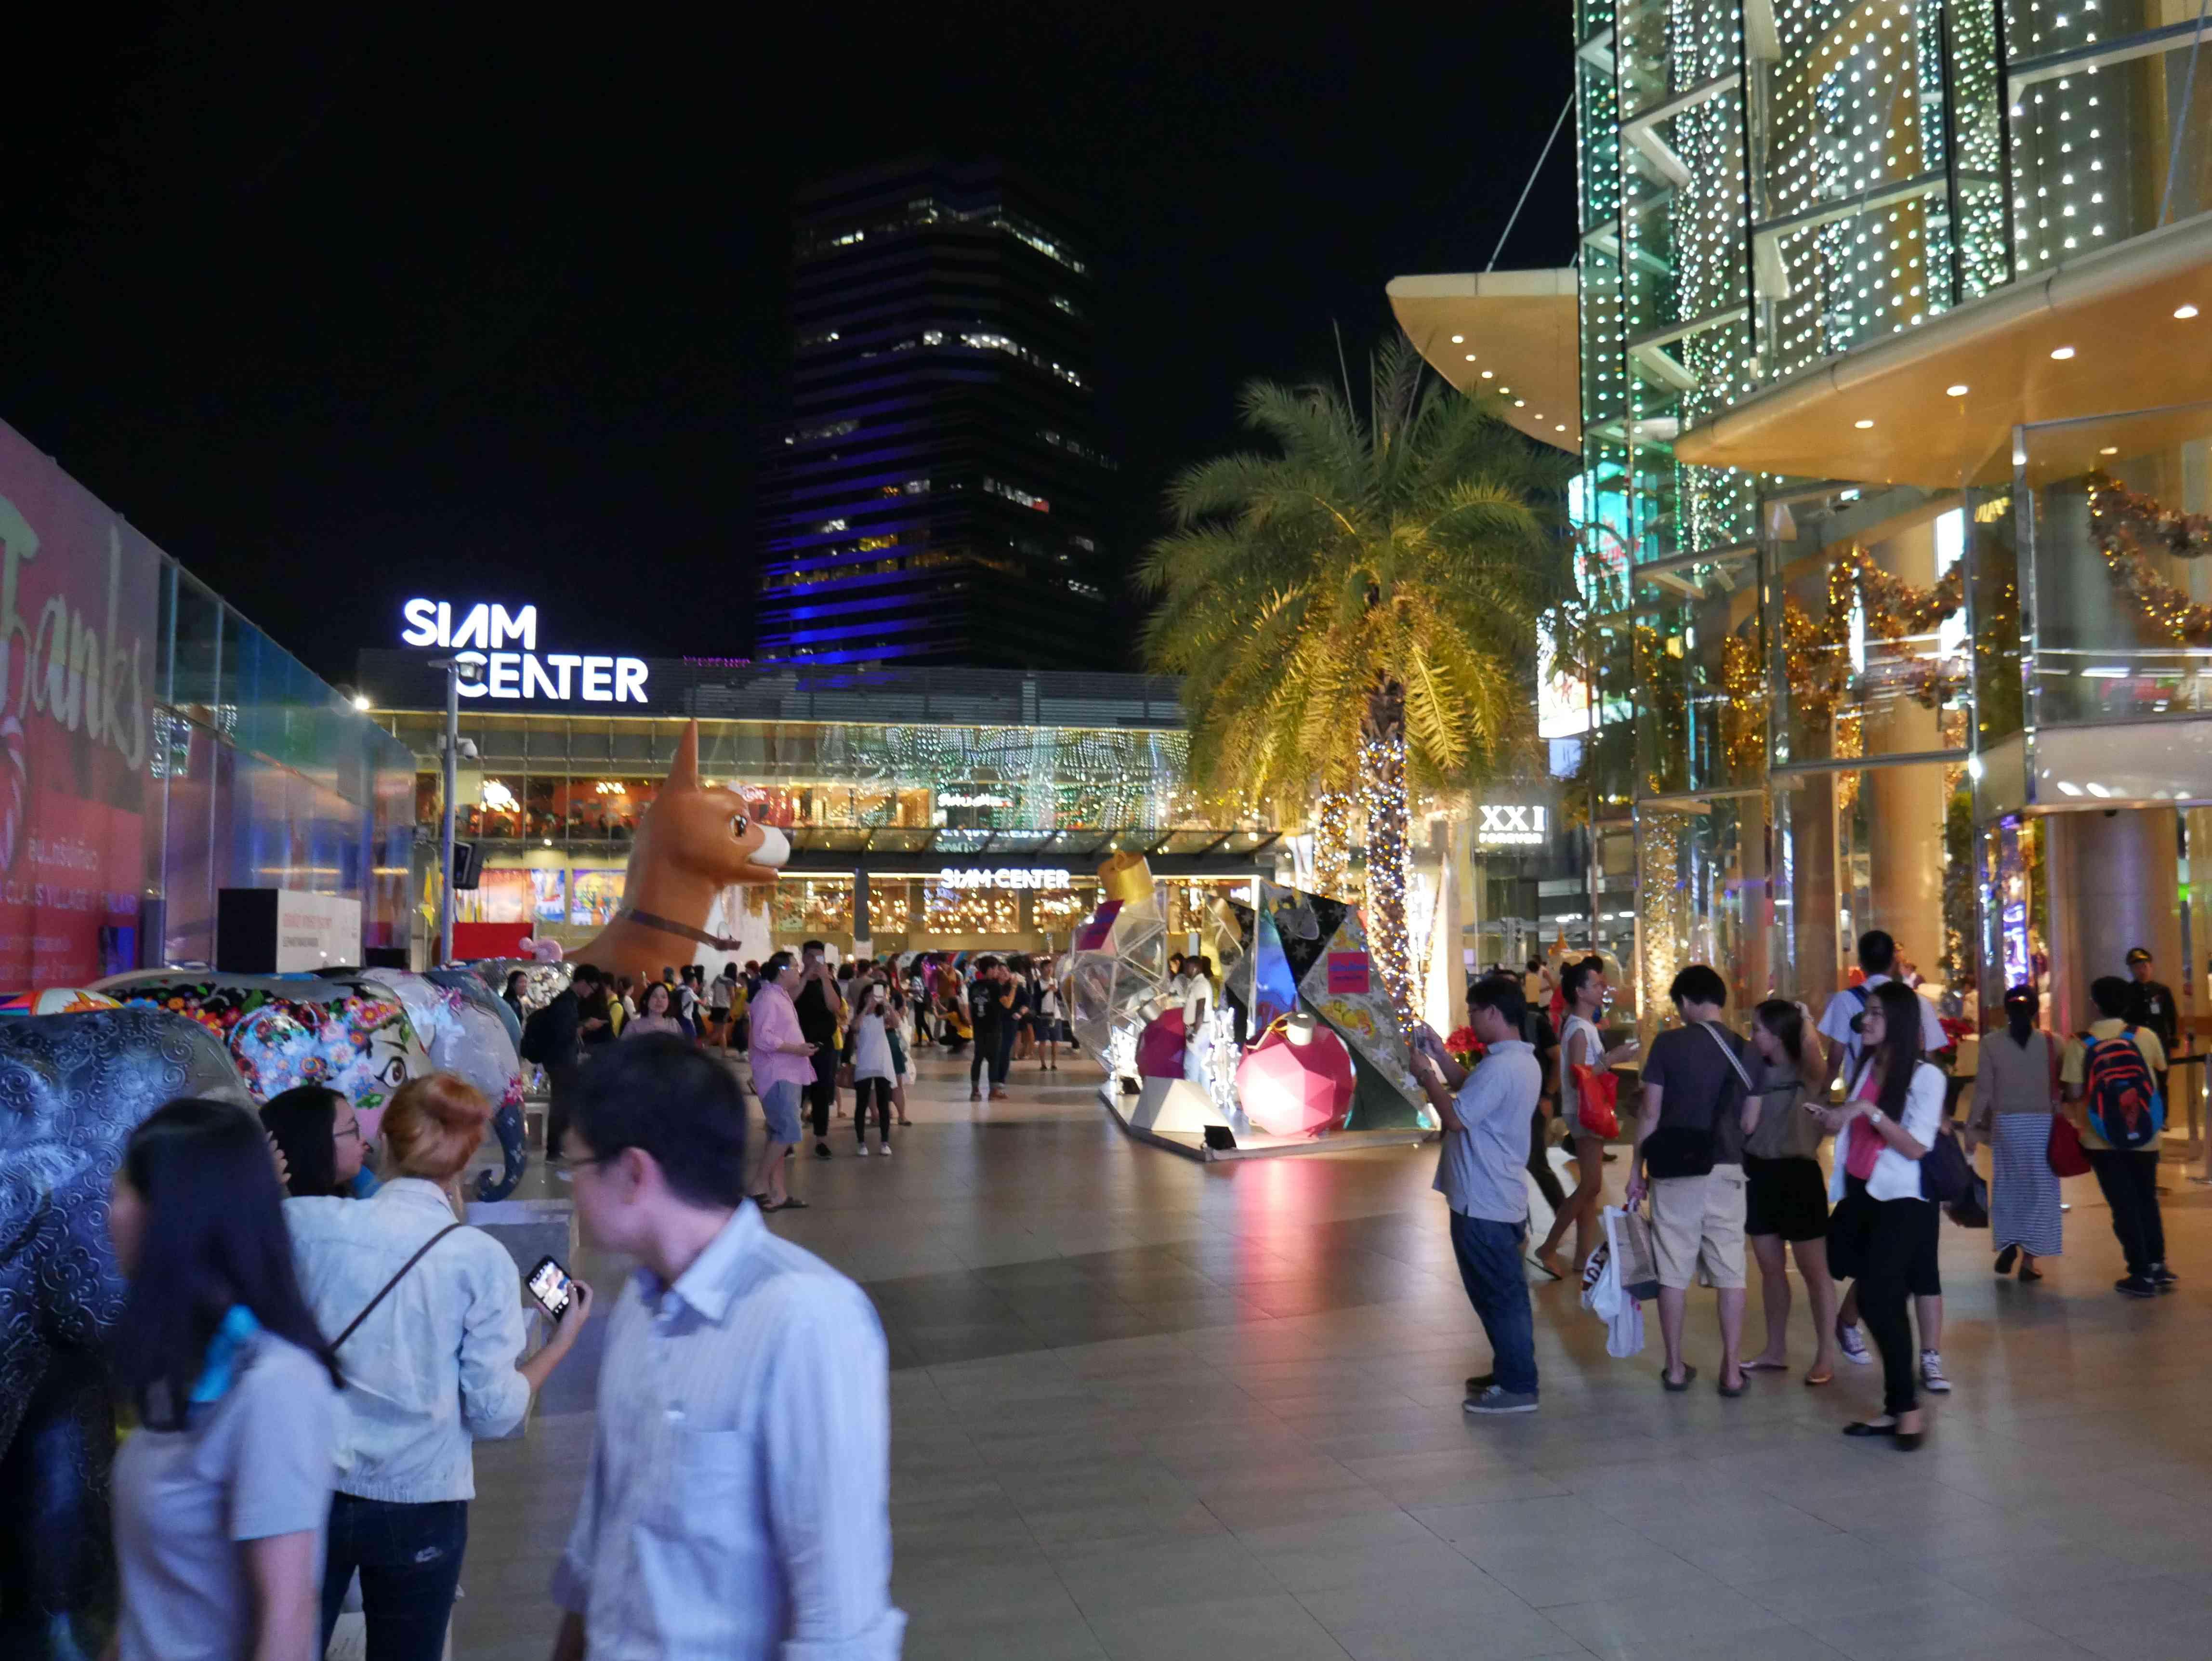 Walkway at Siam Center mall in Bangkok